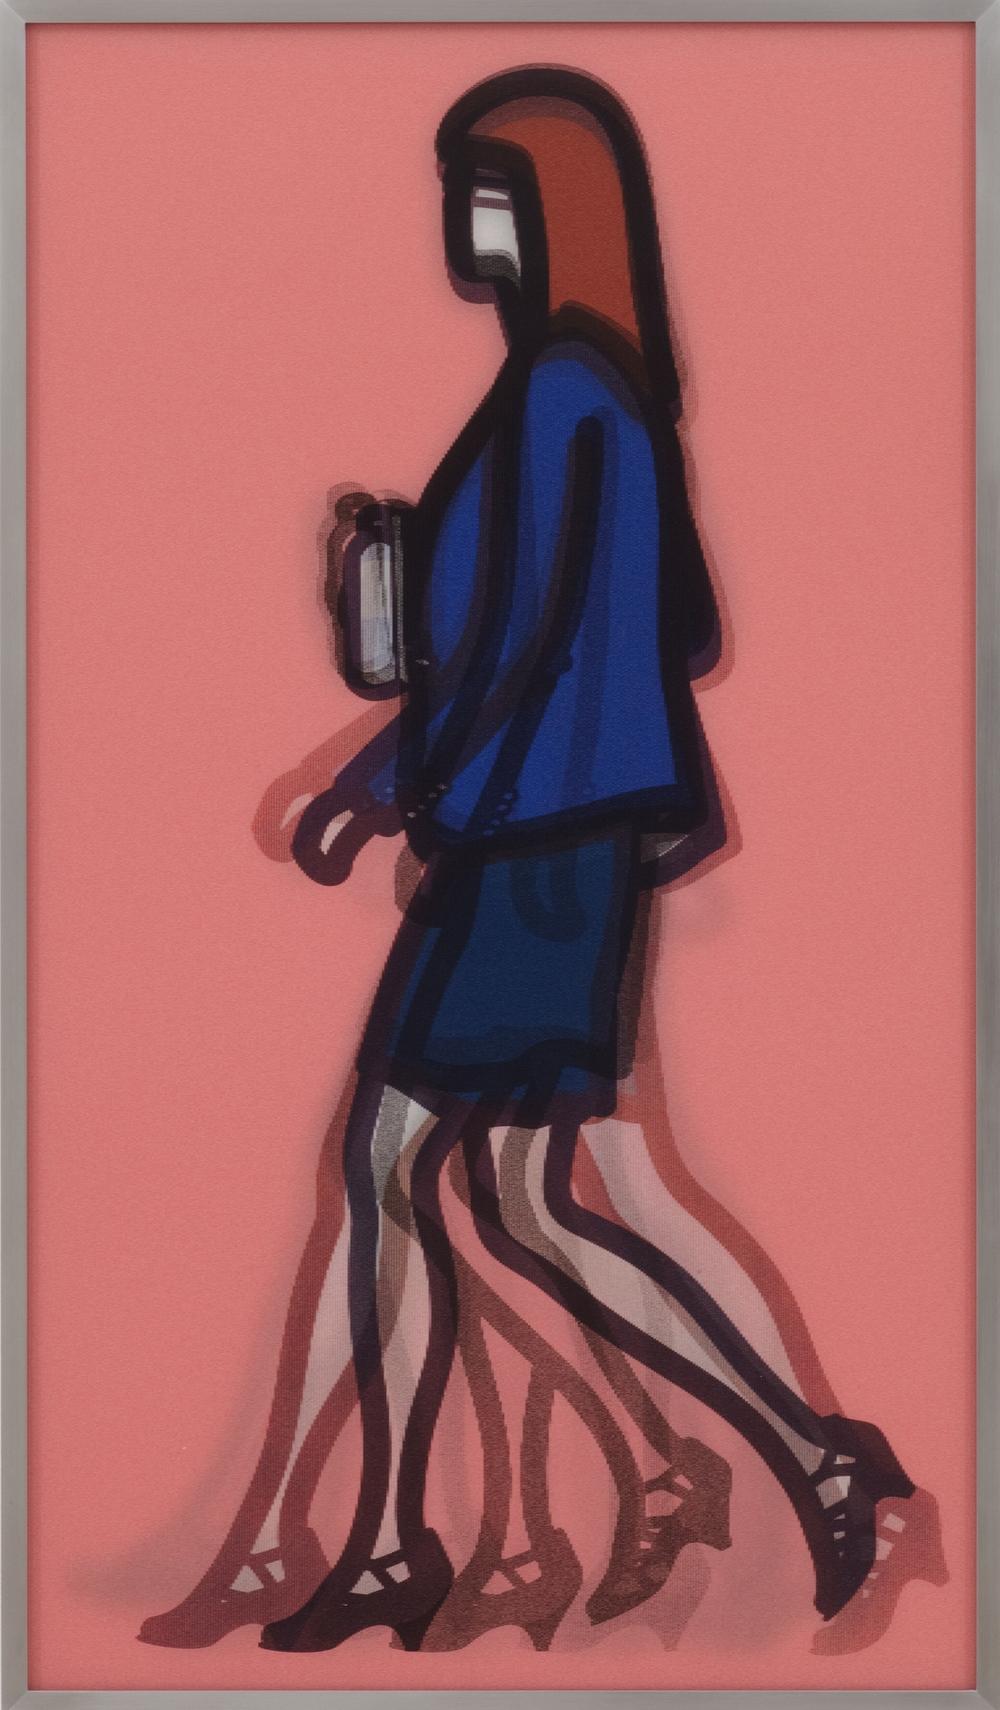 Julian Opie  Lawyer • 2014 Lenticular e Alumínio Edição: 50 83.5 x 48.5 cm